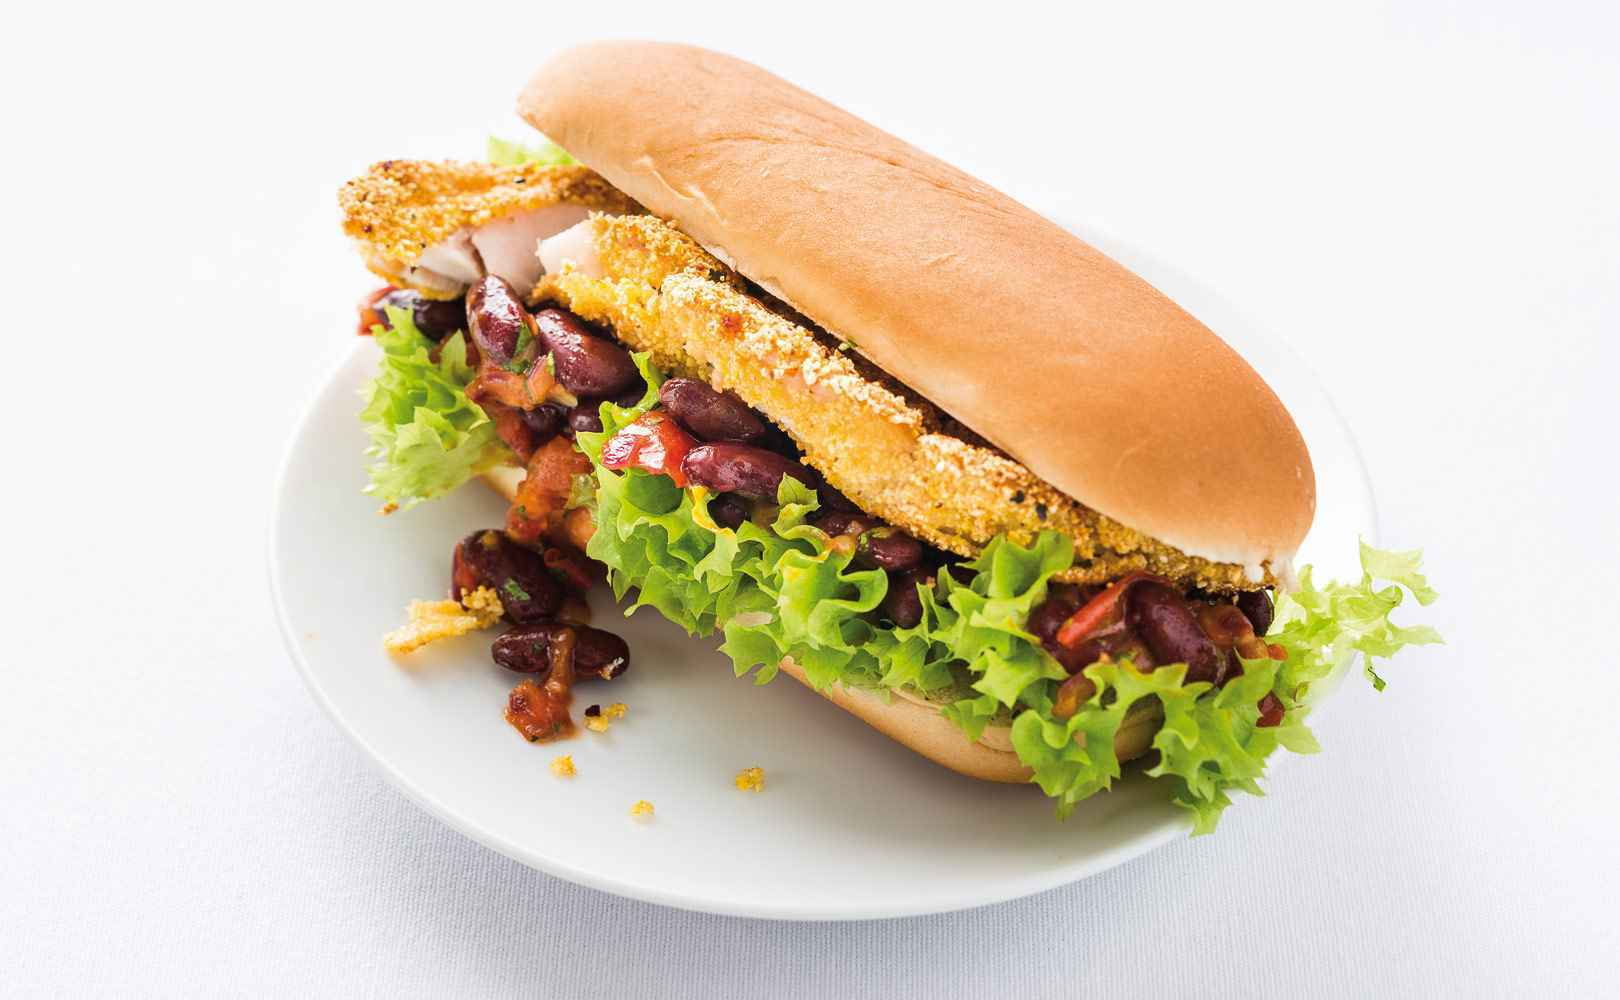 Go to Louisiana Hot-Fish-Sandwich